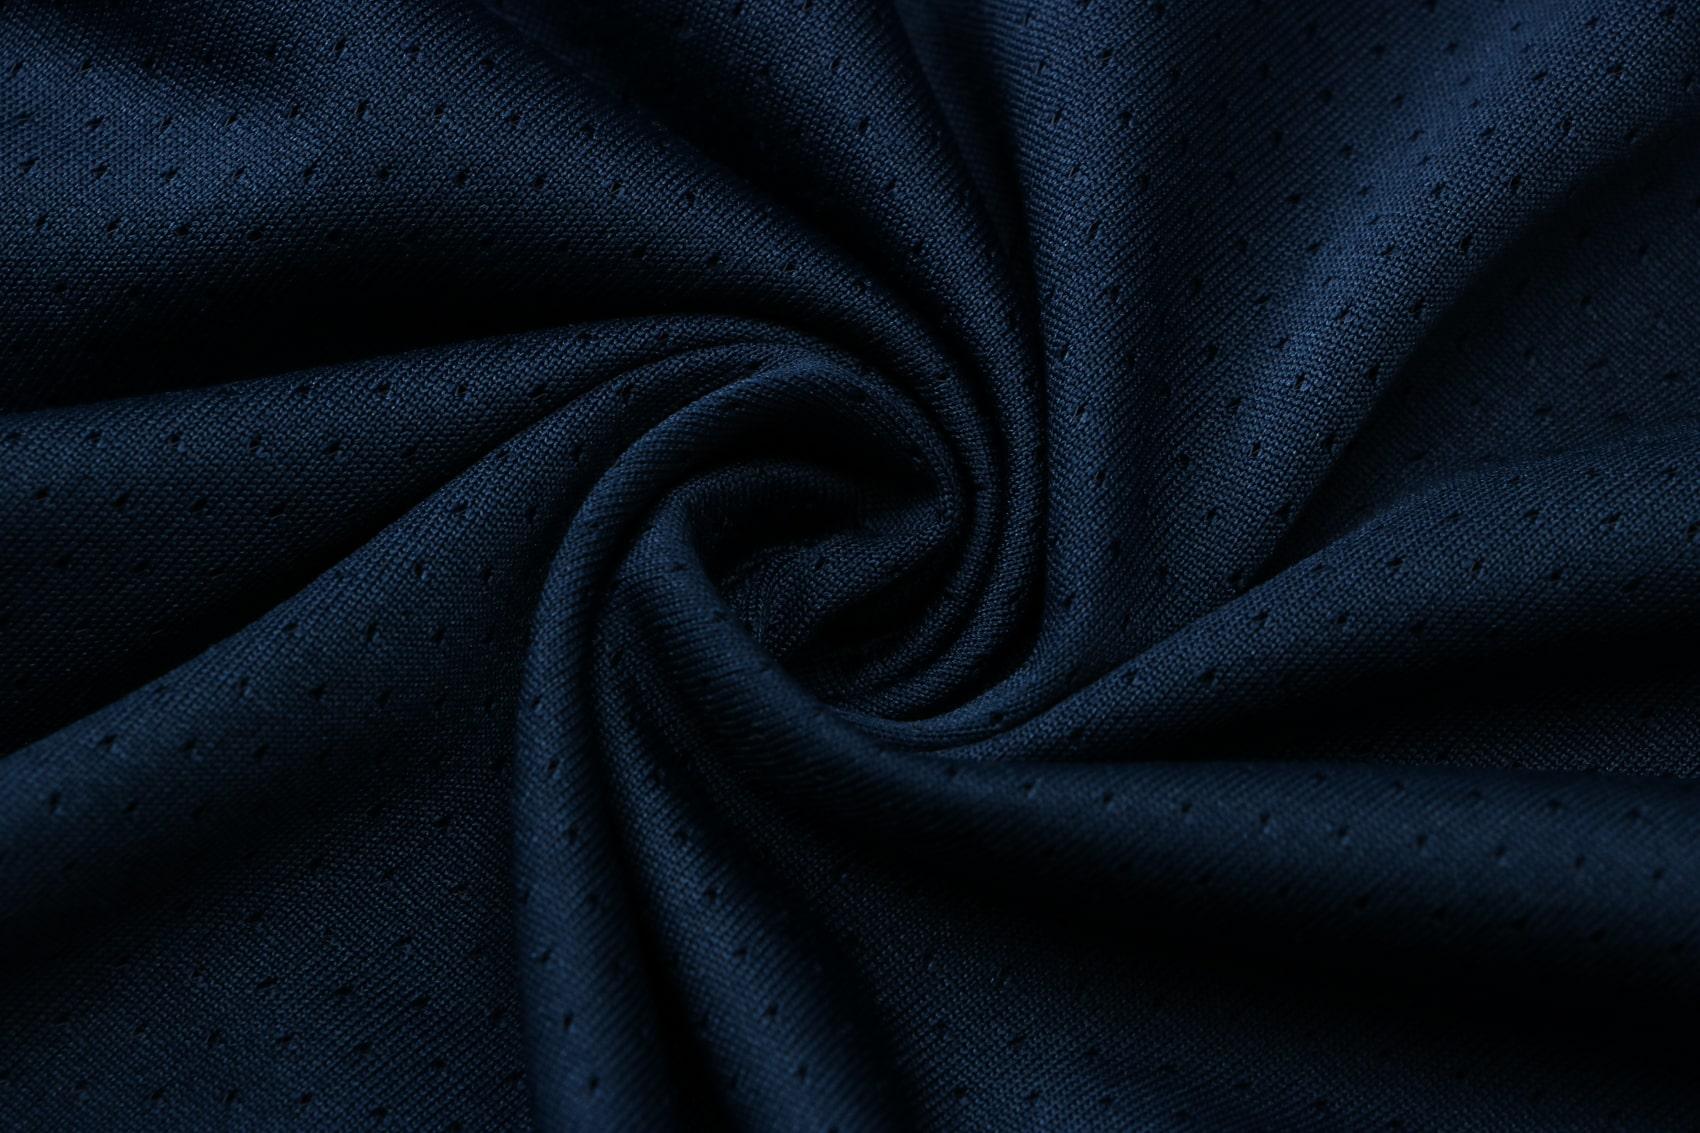 Синий тренировочный костюм Ромы 2020-2021